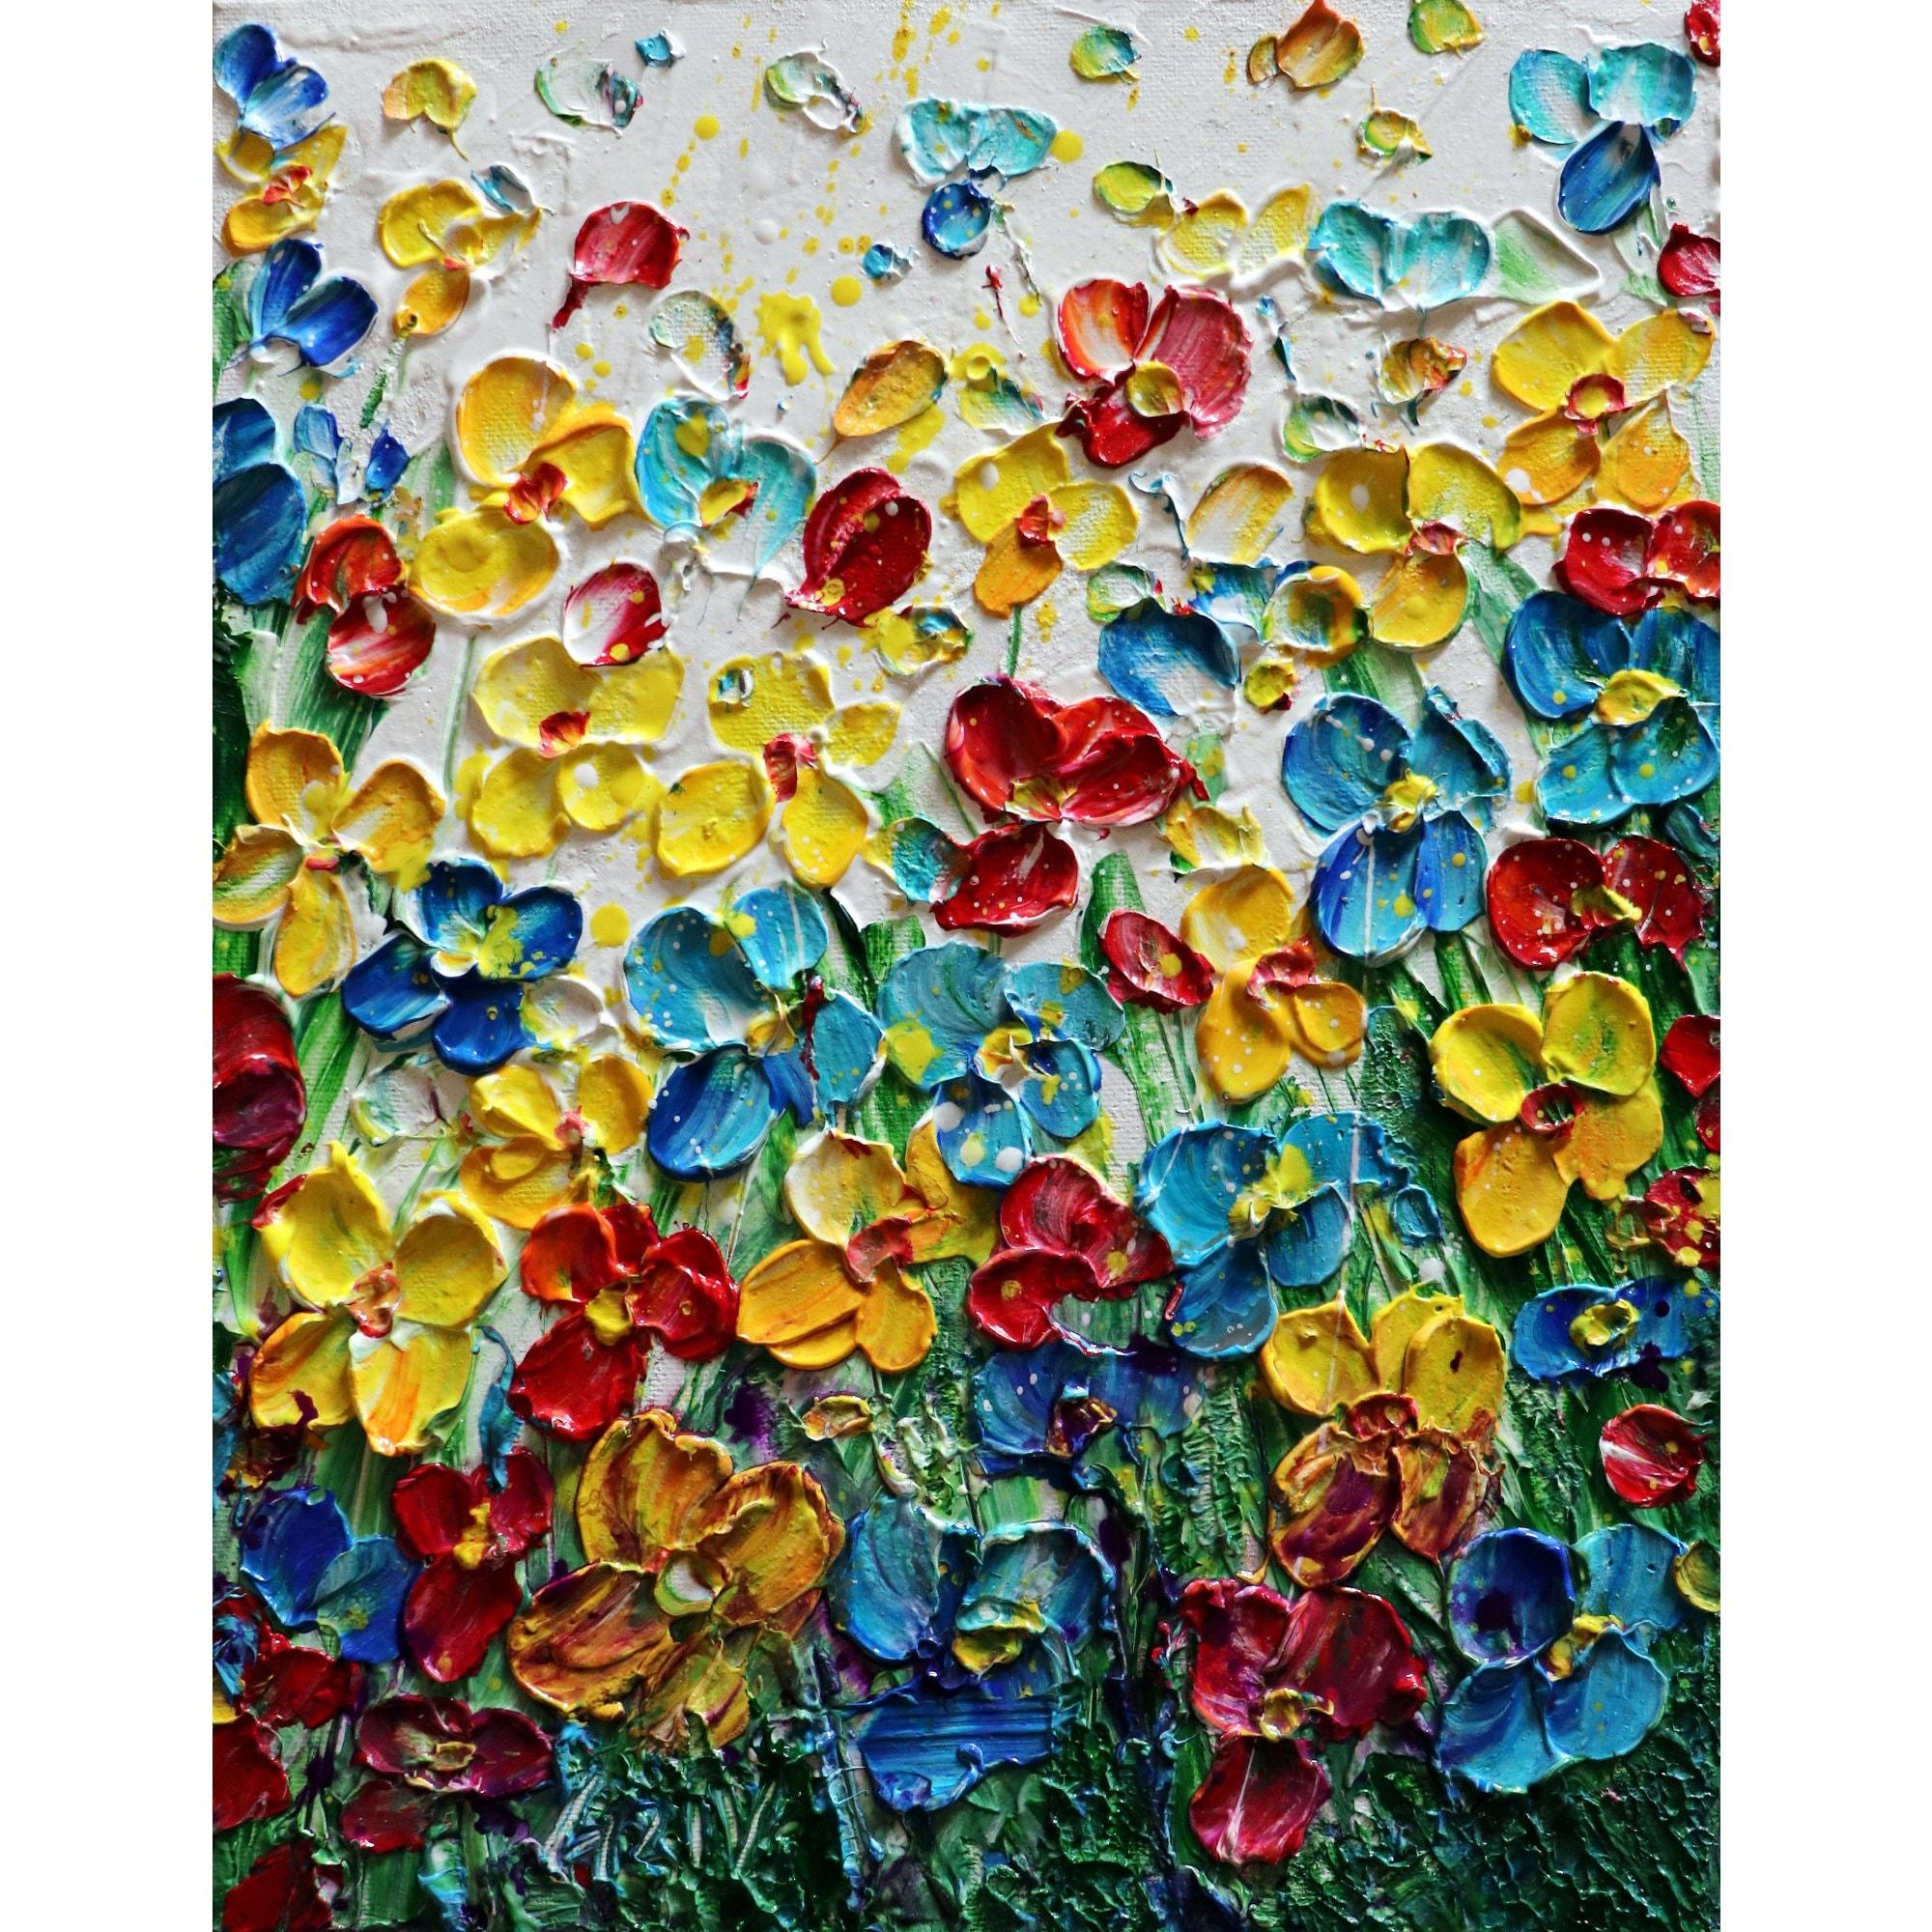 Spring Wildflowers Impasto Original Painting Flowers Fields Art By Luiza Vizoli